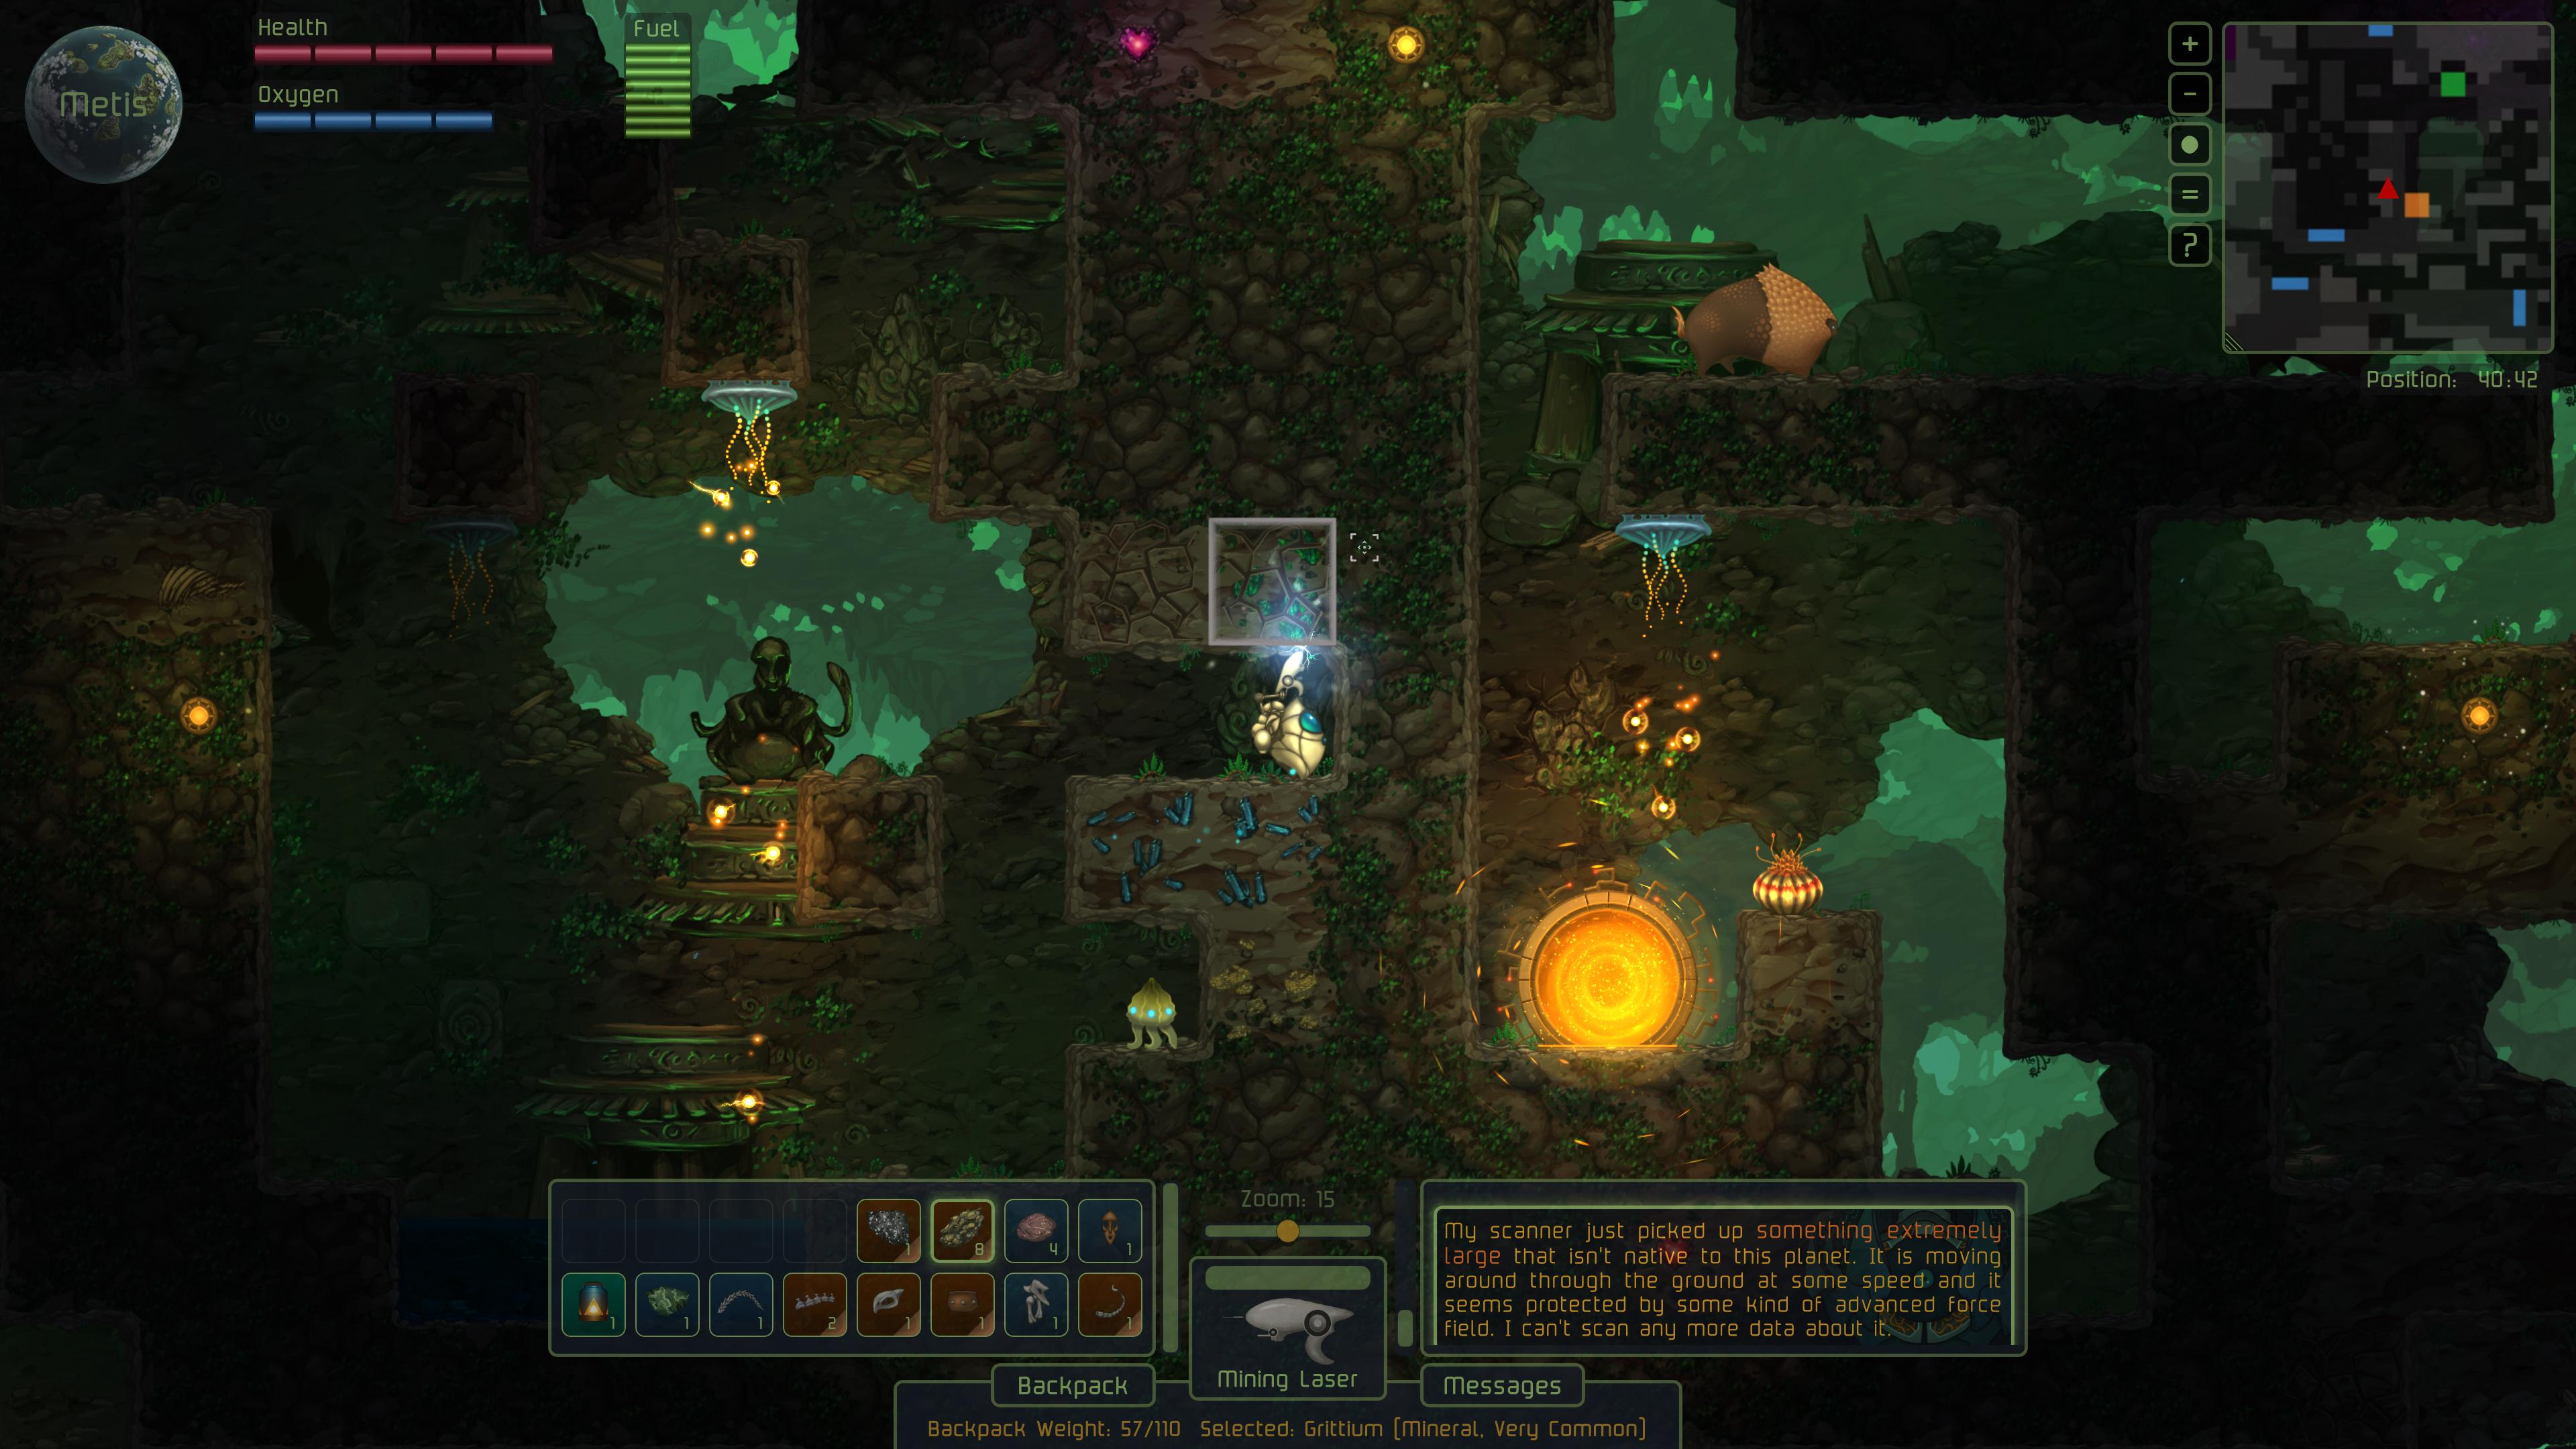 SAMA-Screenshot_Metis-Mining.jpg